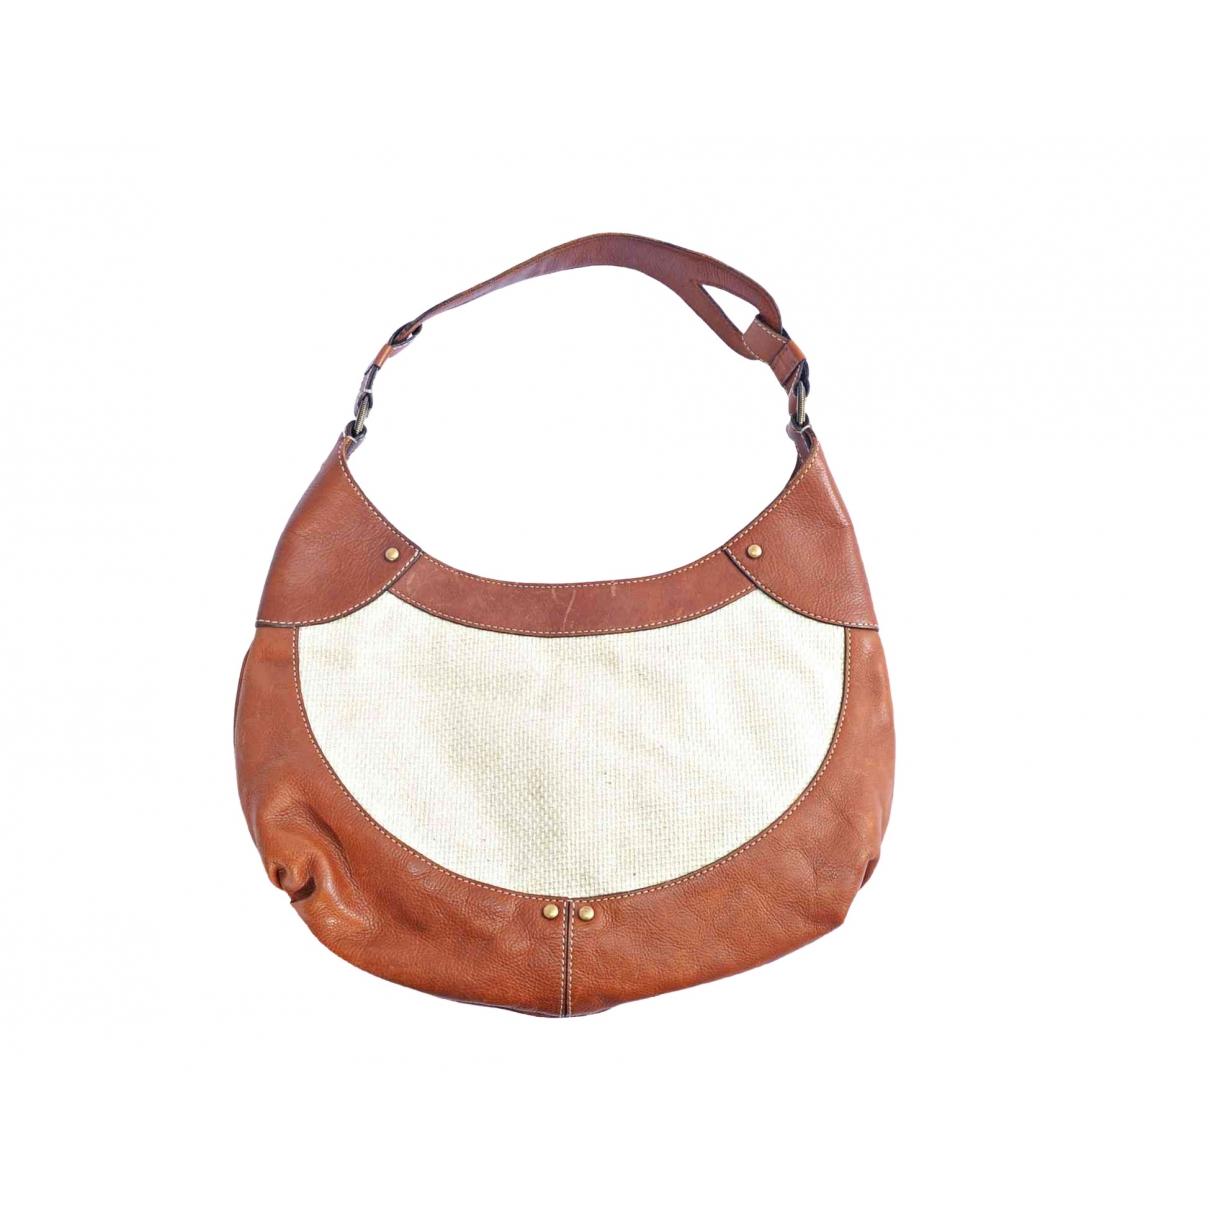 Cole Haan \N Handtasche in  Beige Leder